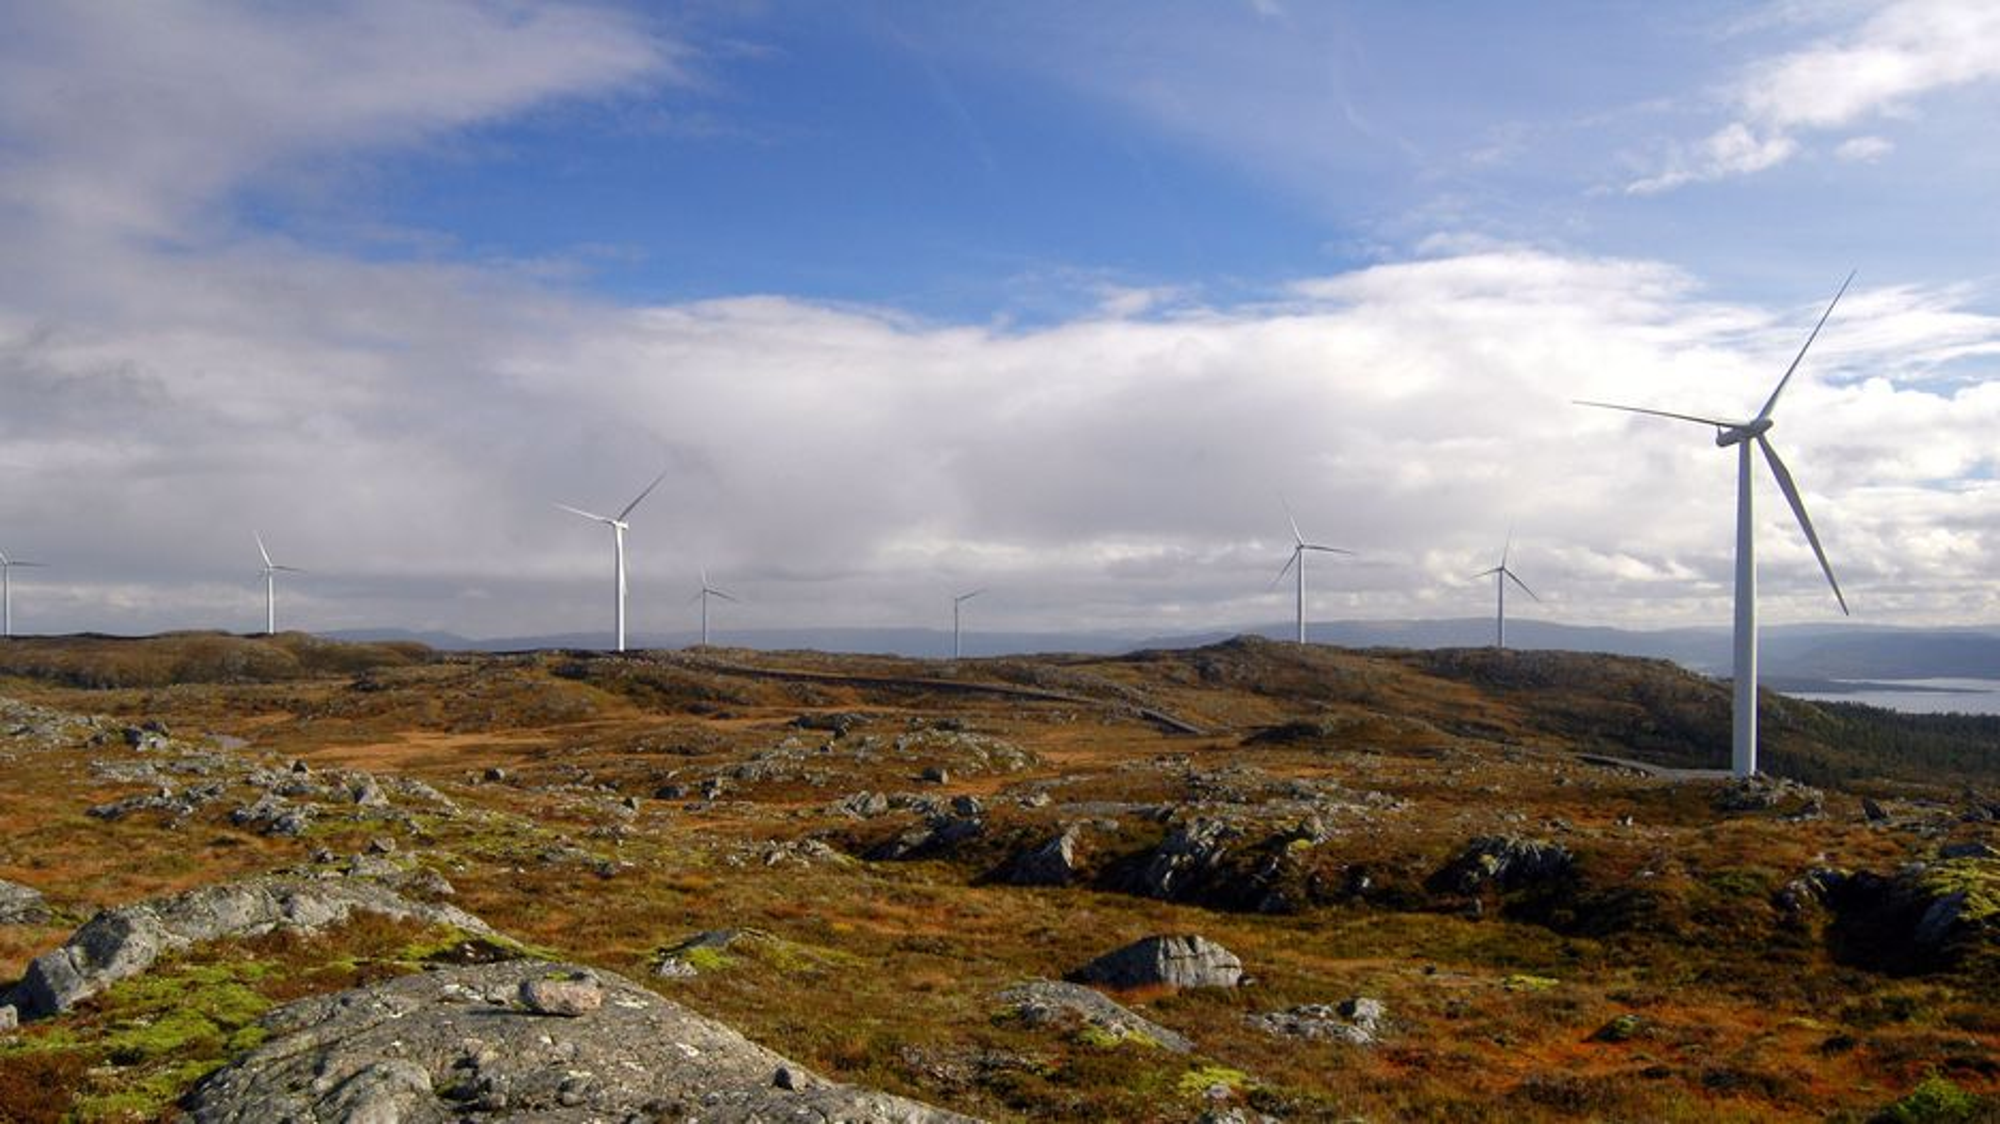 Statkraft nedbemanner med 500-600 personer. 200 av dem i Norge.